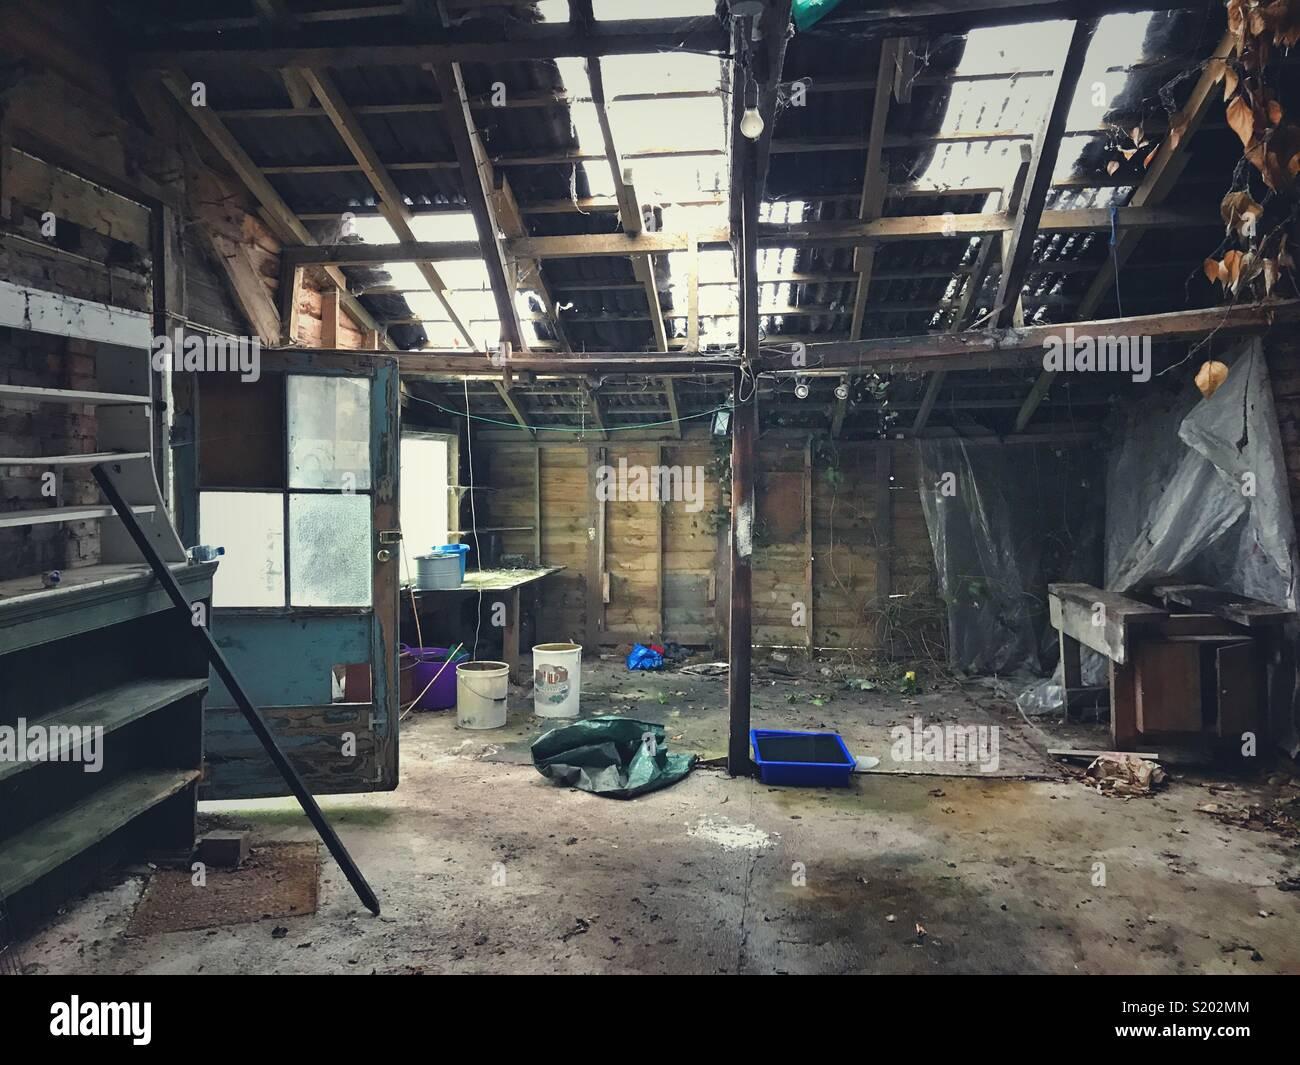 Une vieille grange dans le besoin d'une rénovation Photo Stock